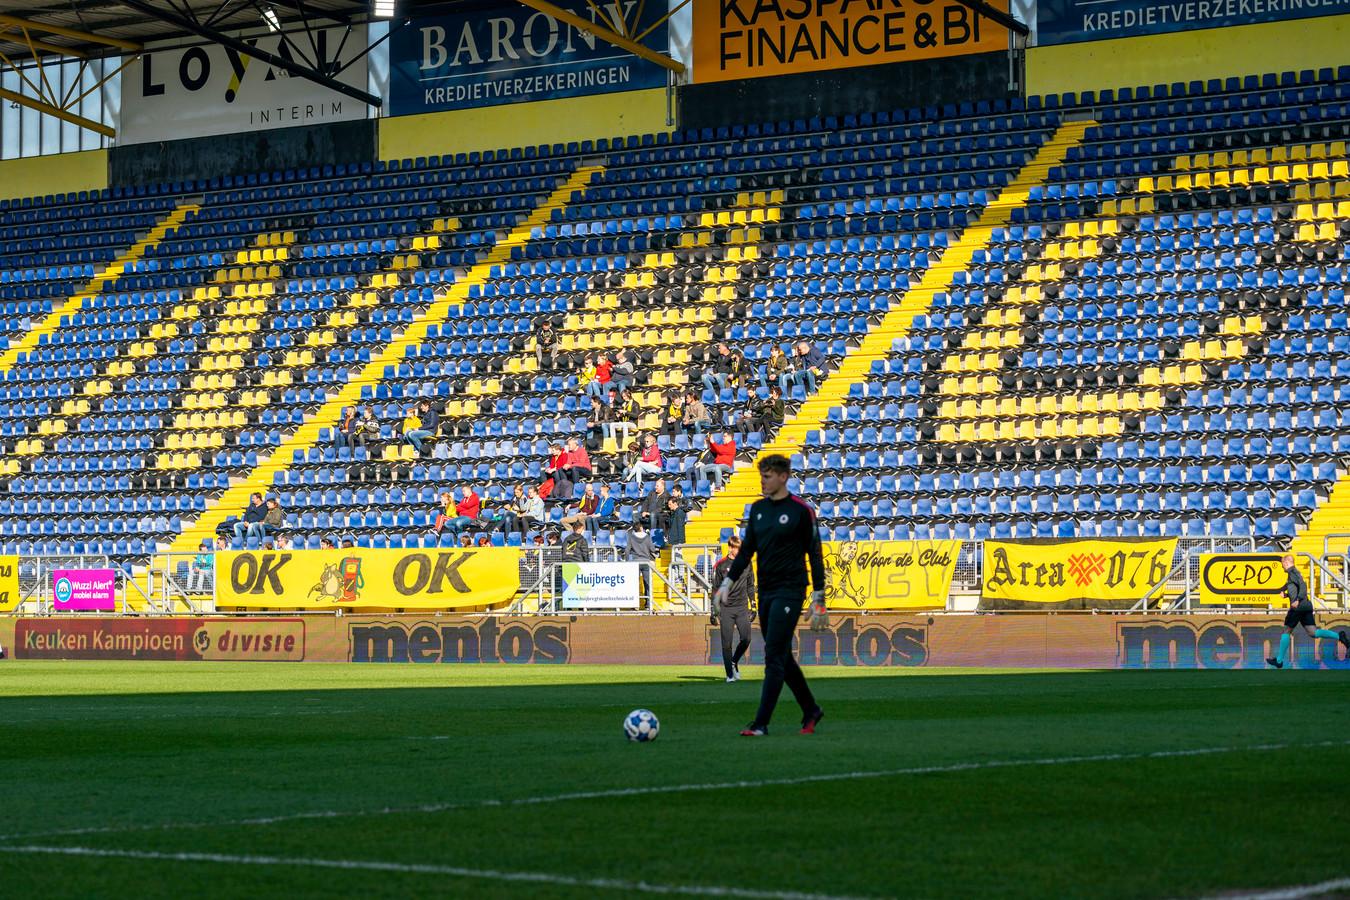 Vanwege de pandemie kunnen de supporters hun ongenoegen niet uiten in het Rat Verlegh Stadion.